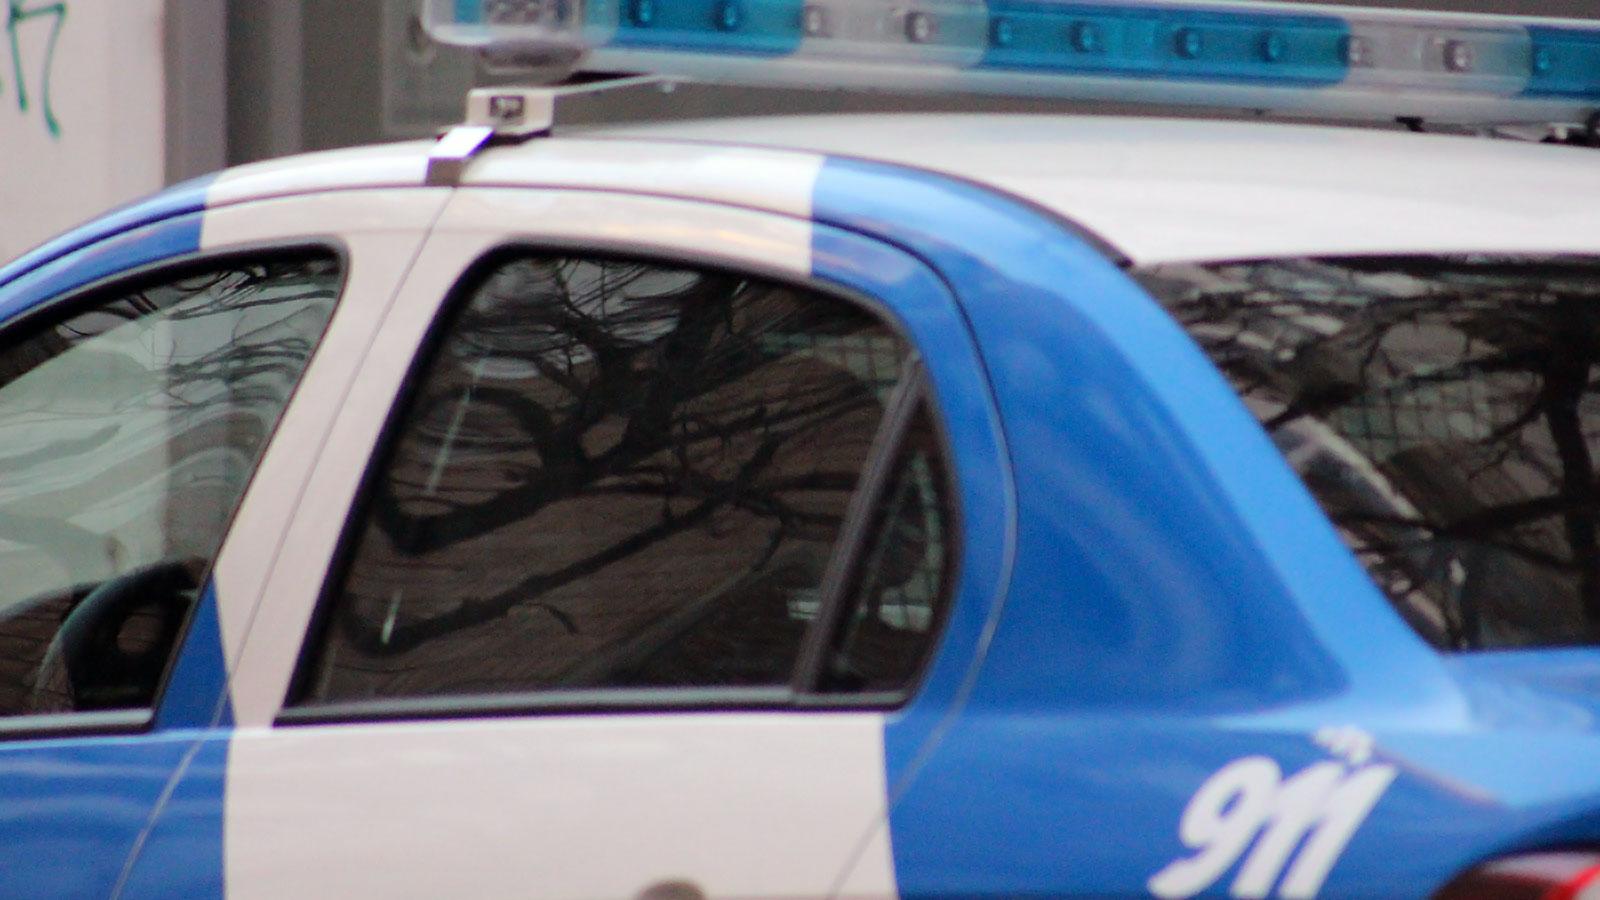 Balacera desde una moto: un joven muerto y cuatro heridos.